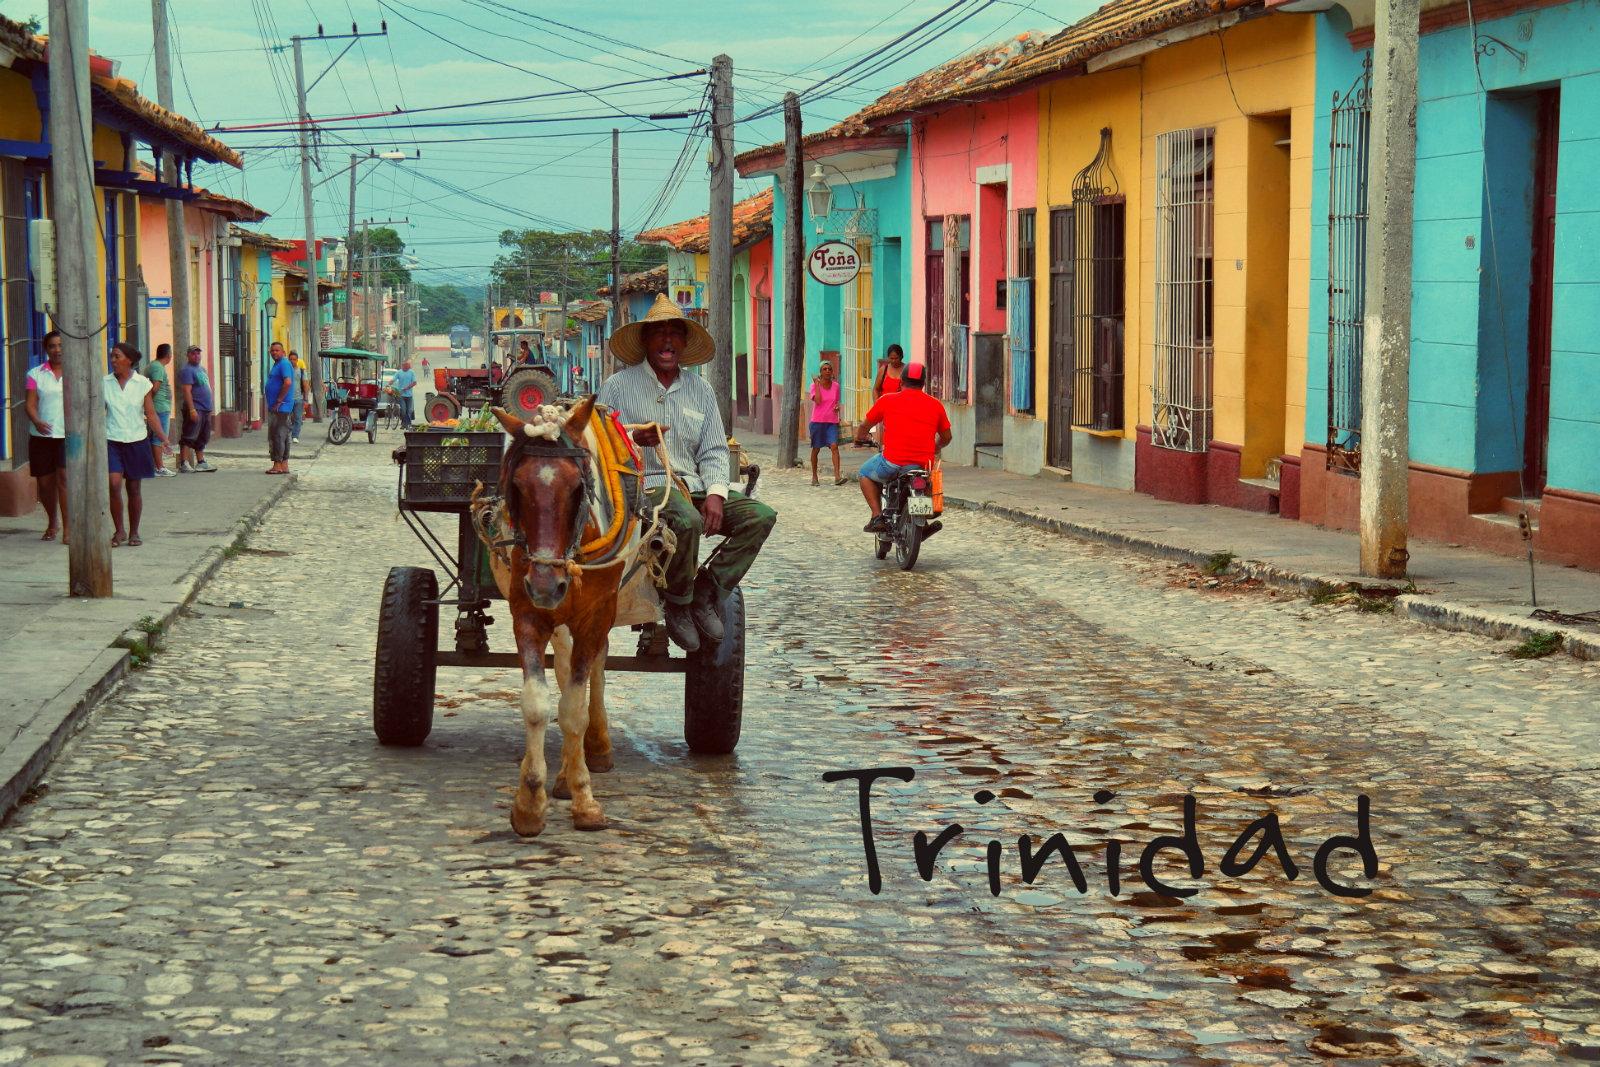 trinidad highlights das darfst du auf deiner kuba reise. Black Bedroom Furniture Sets. Home Design Ideas